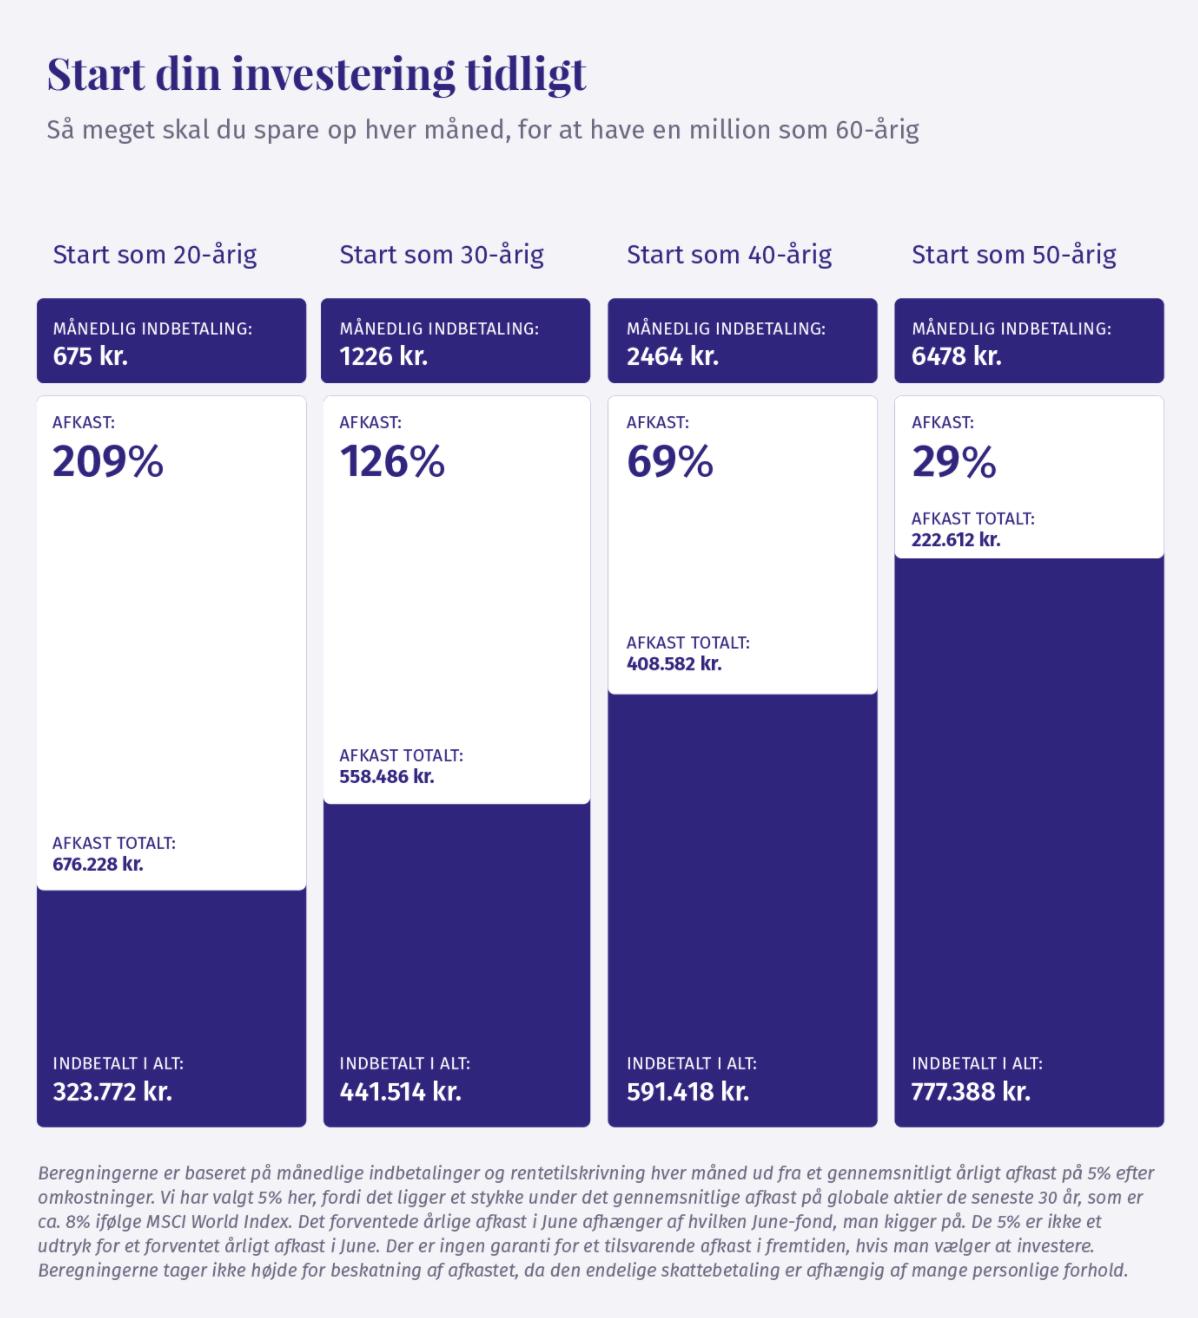 Hvor meget skal man investere hver måned for at have en million før skat som 60-årig